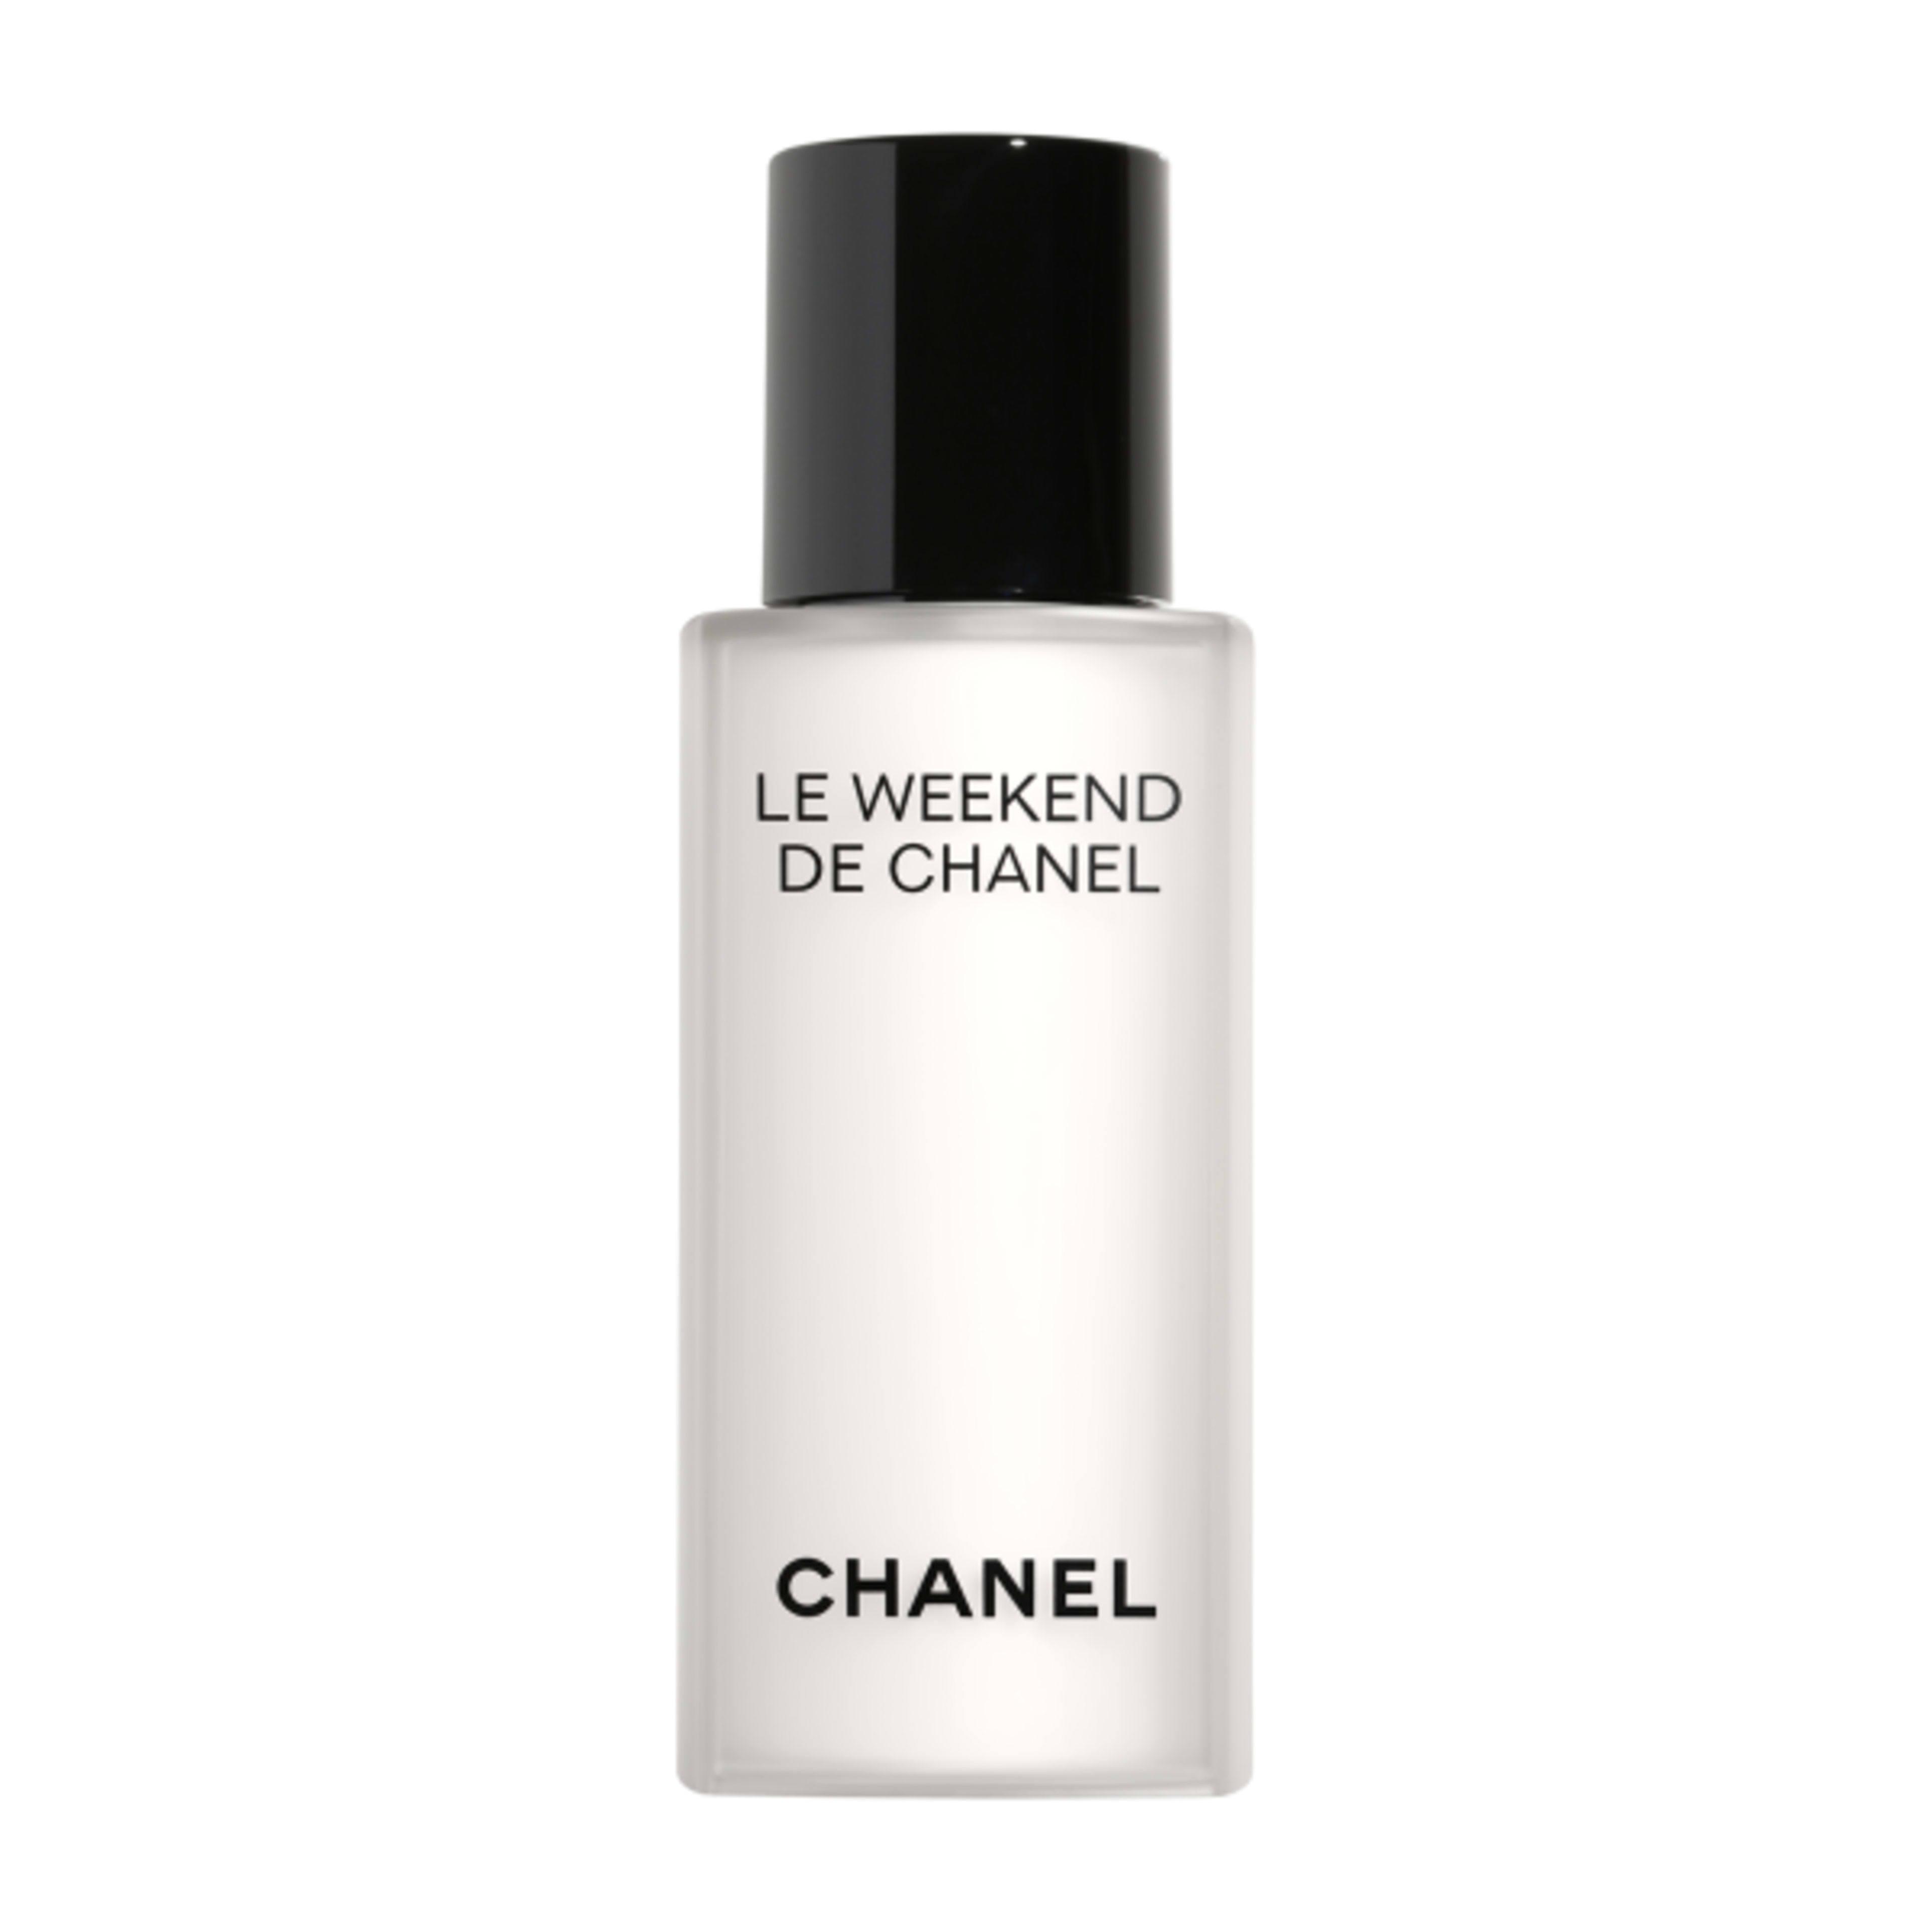 Chanel Le Weekend de Chanel Renew Serum Mini